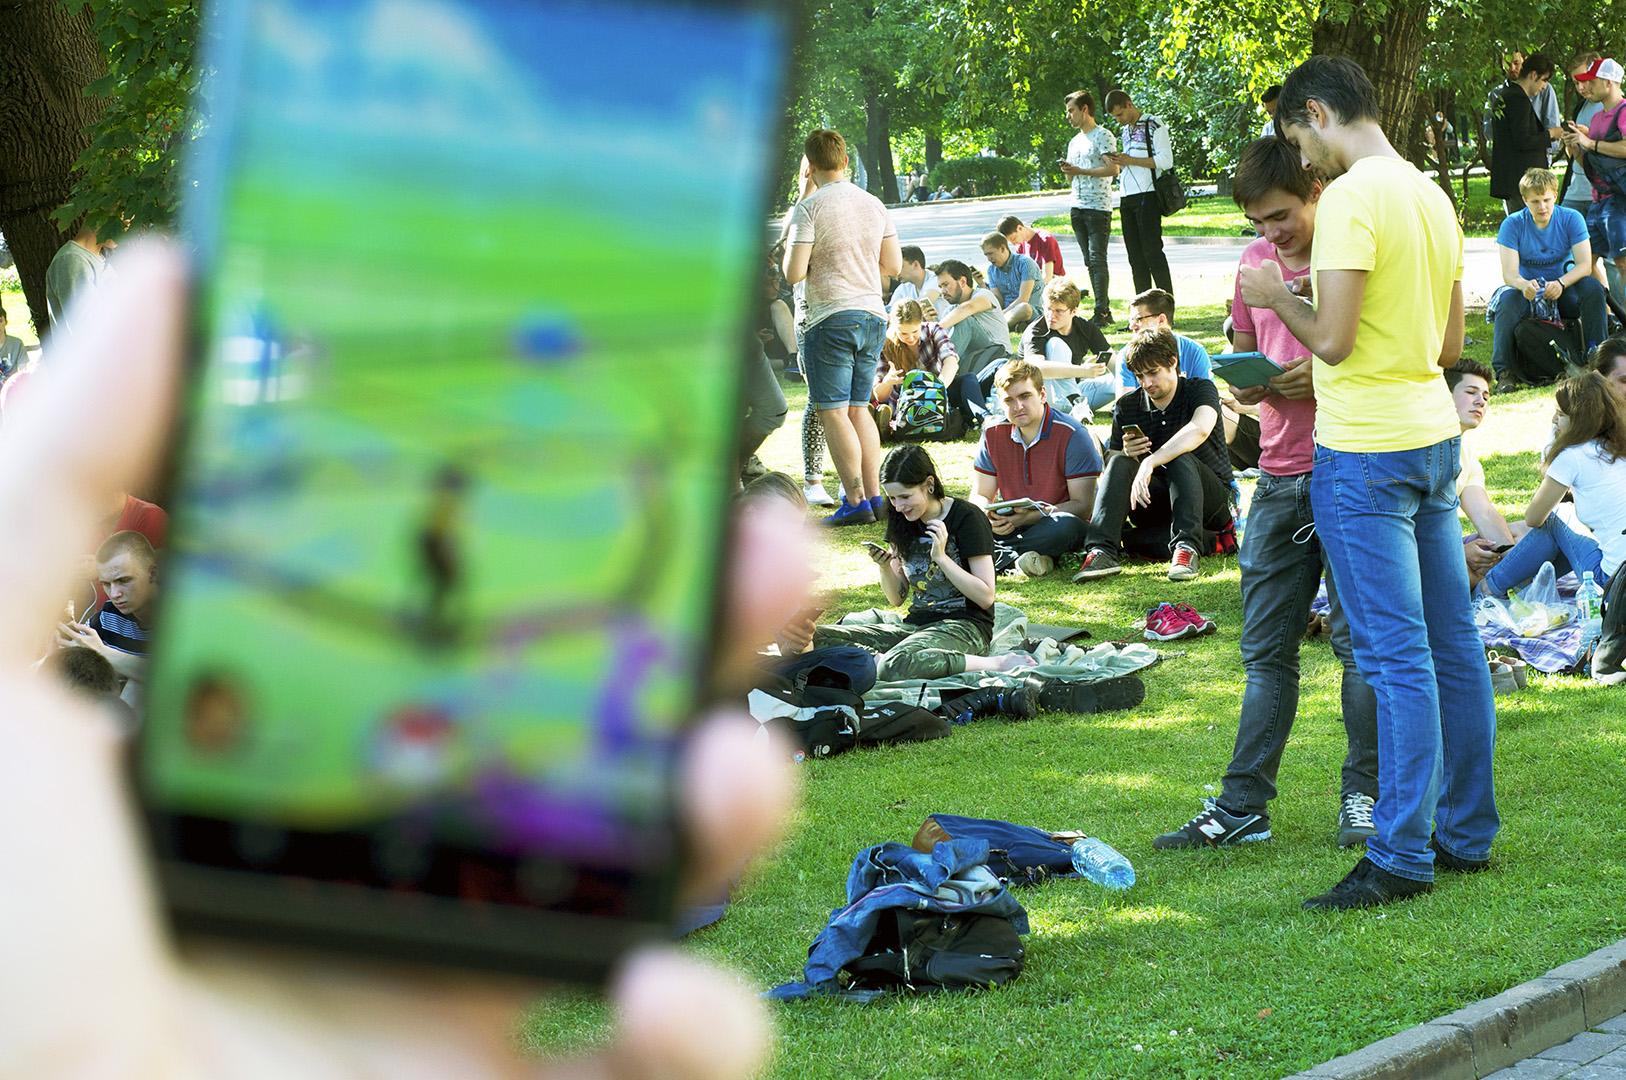 Pokémon GO получила один миллиард долларов дохода за 7 месяцев